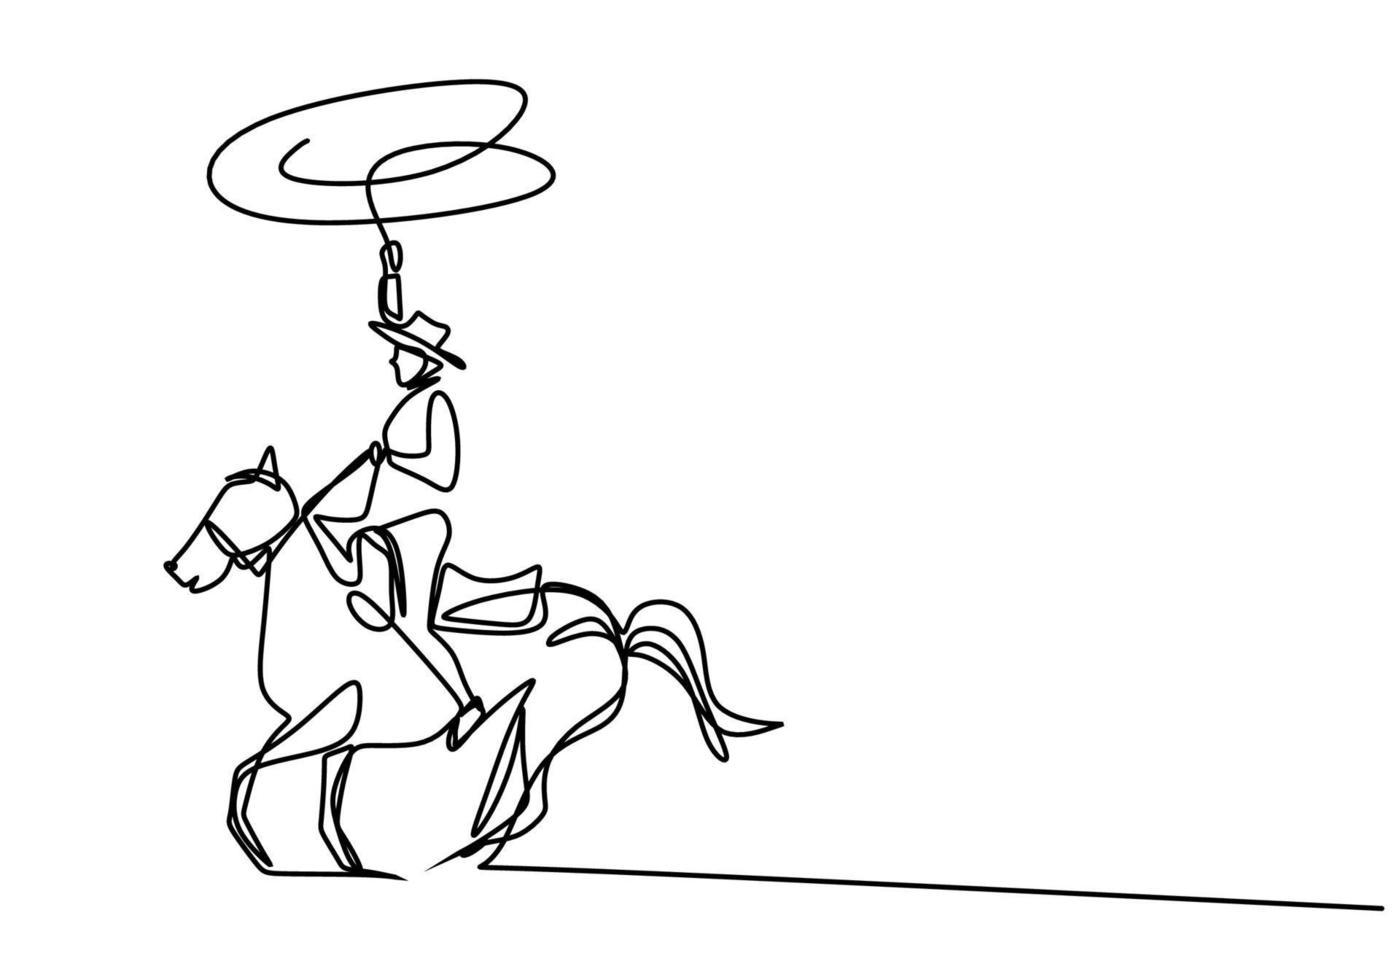 um jovem de desenho contínuo com um chapéu de cowboy, cavalgando um cavalo. homens idosos representam elegância no conceito minimalista a cavalo isolado no fundo branco. desenho moderno de desenho à mão vetor